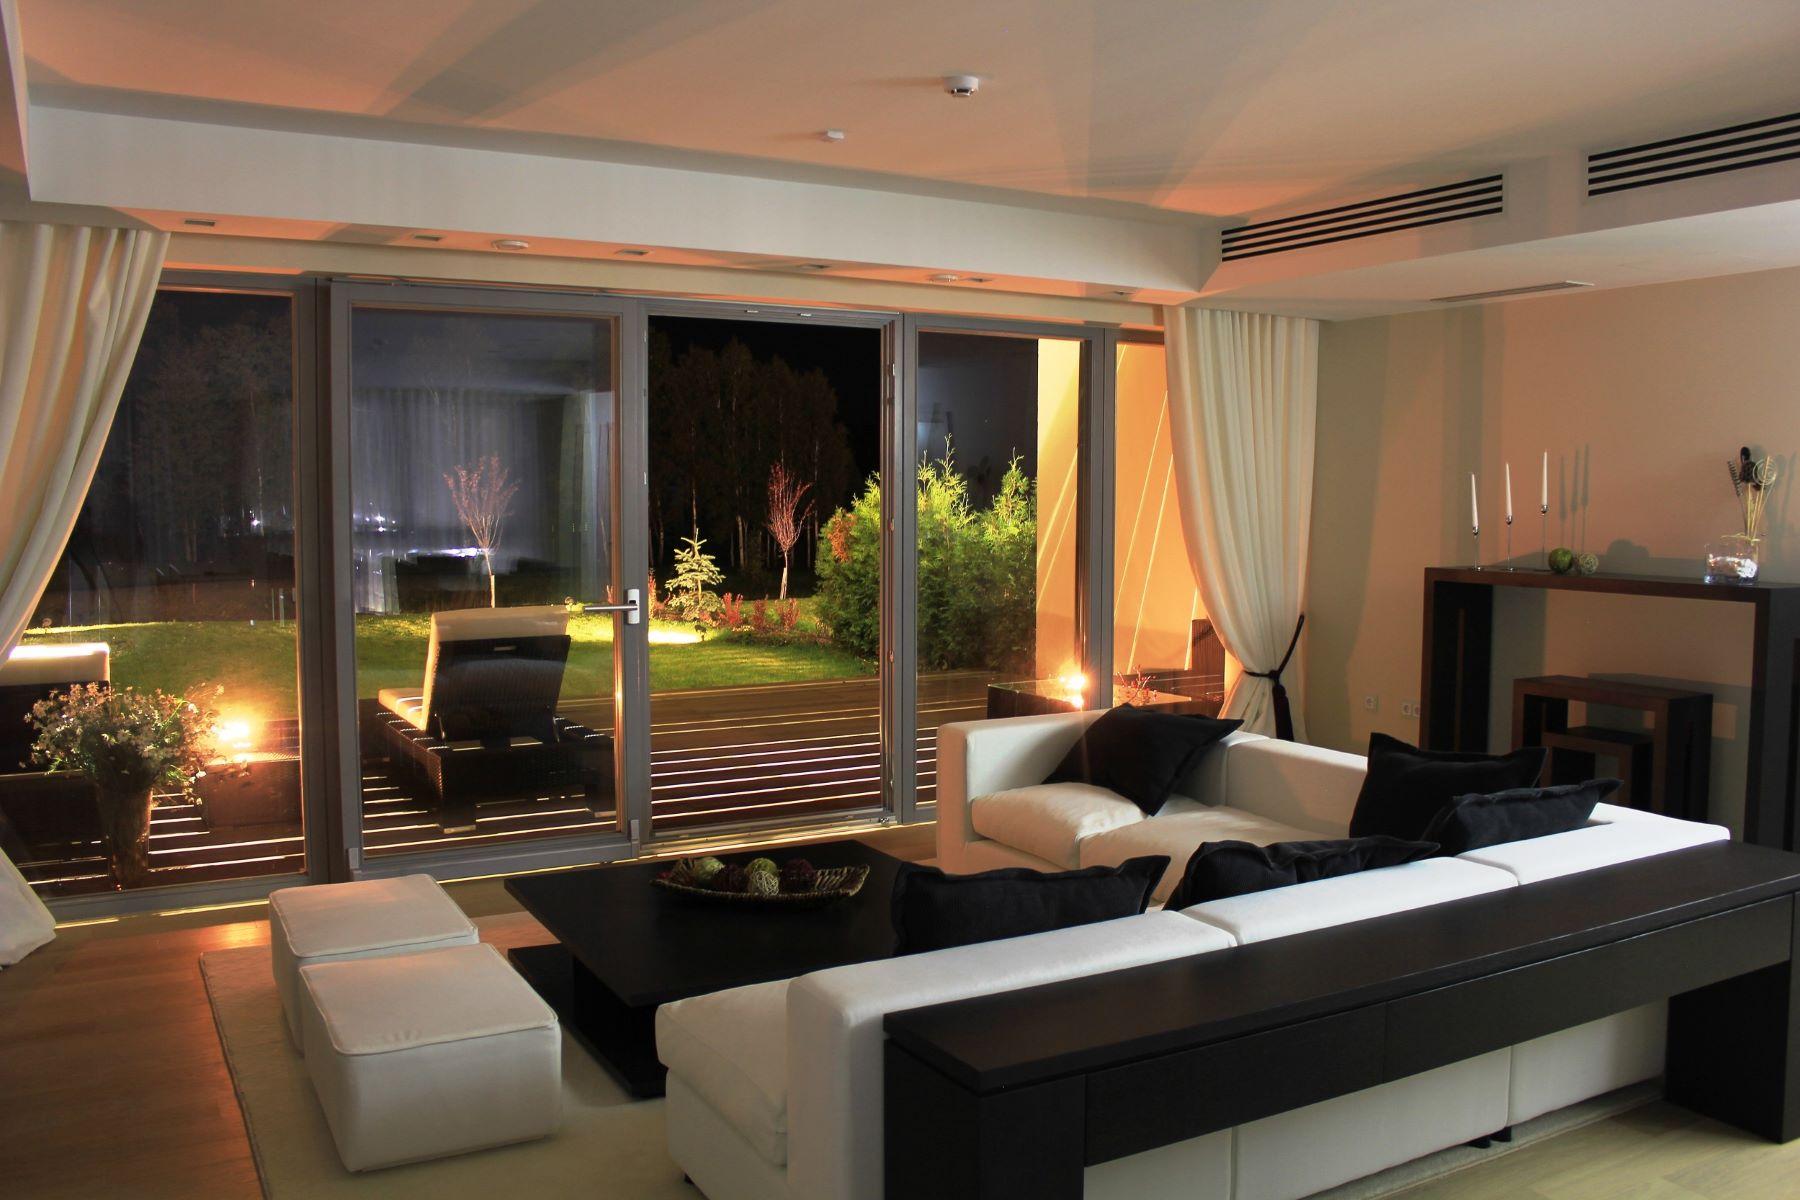 단독 가정 주택 용 임대 에 wo Bedroom Semi-Detached House Surrounded By Golf Course Vilnius, Vilnius County, 리투아니아